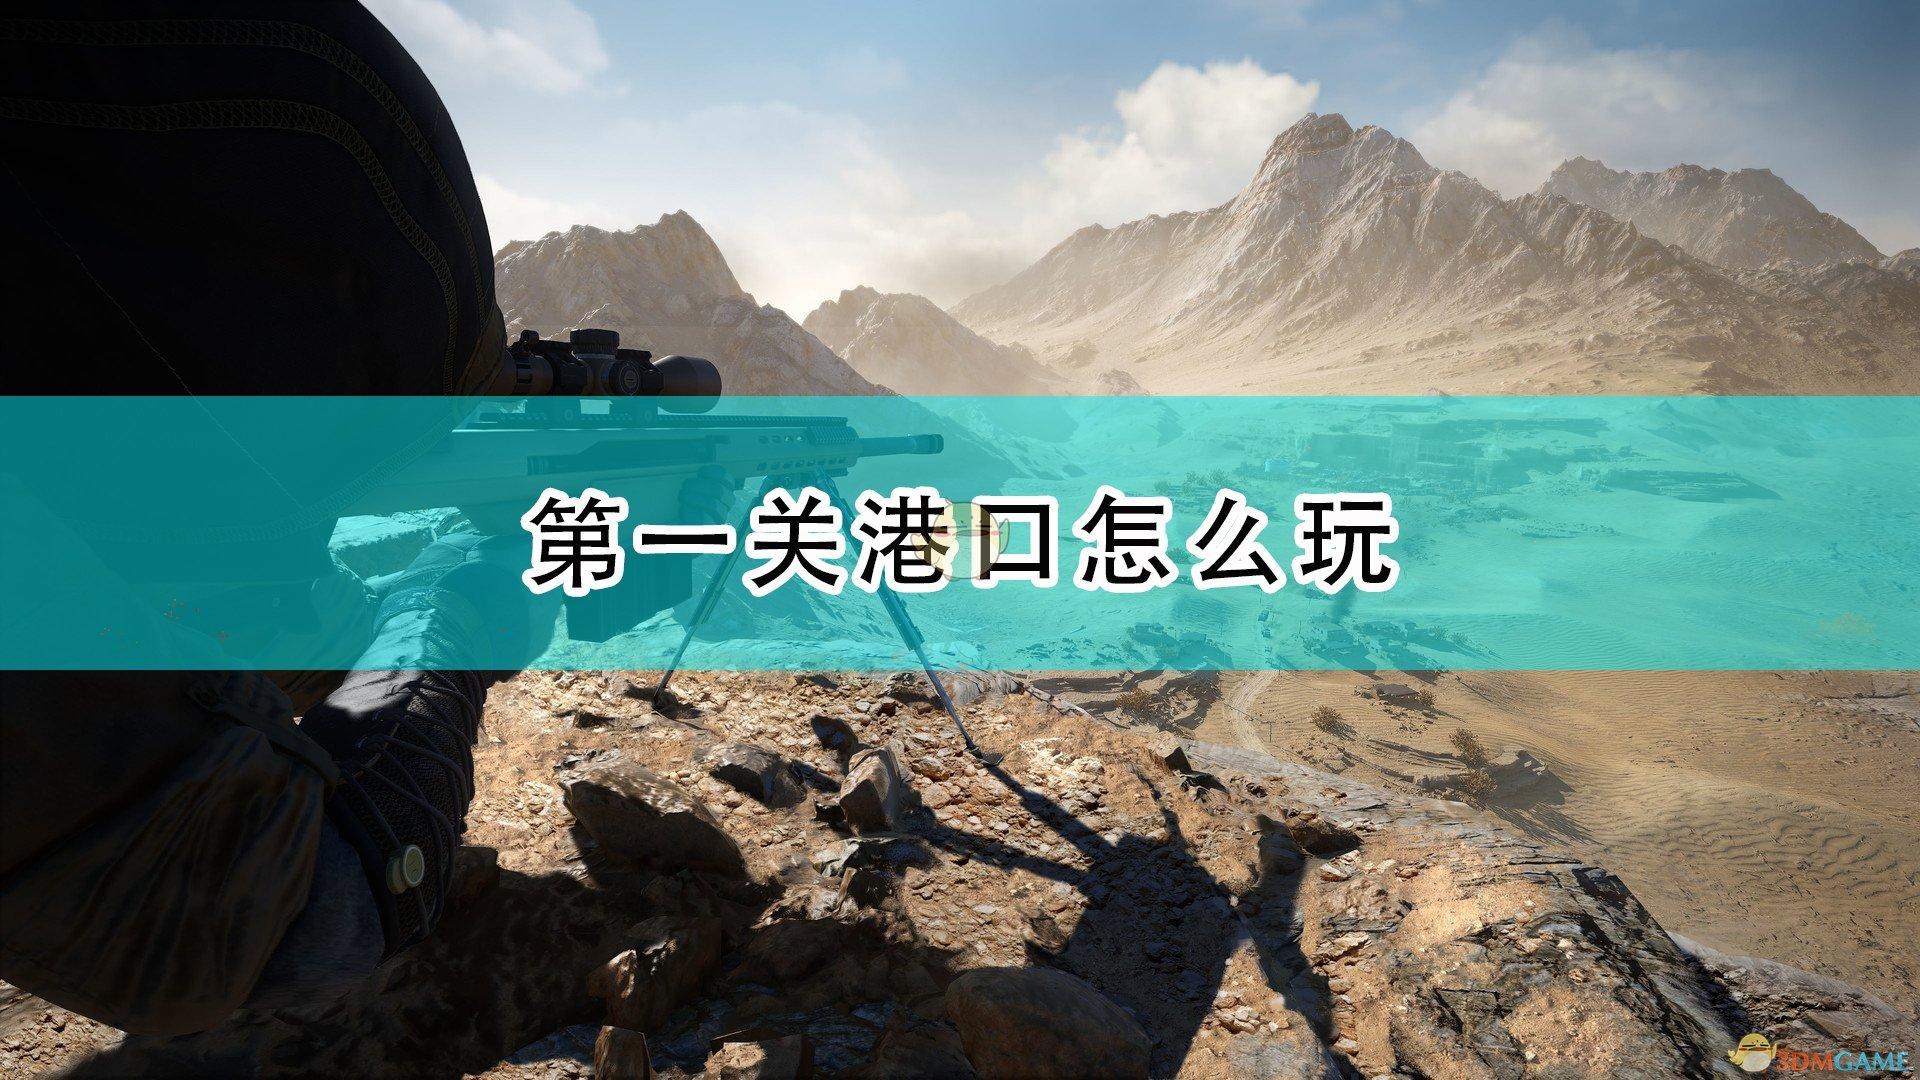 《狙击手:幽灵战士契约2》第一关港口攻略分享